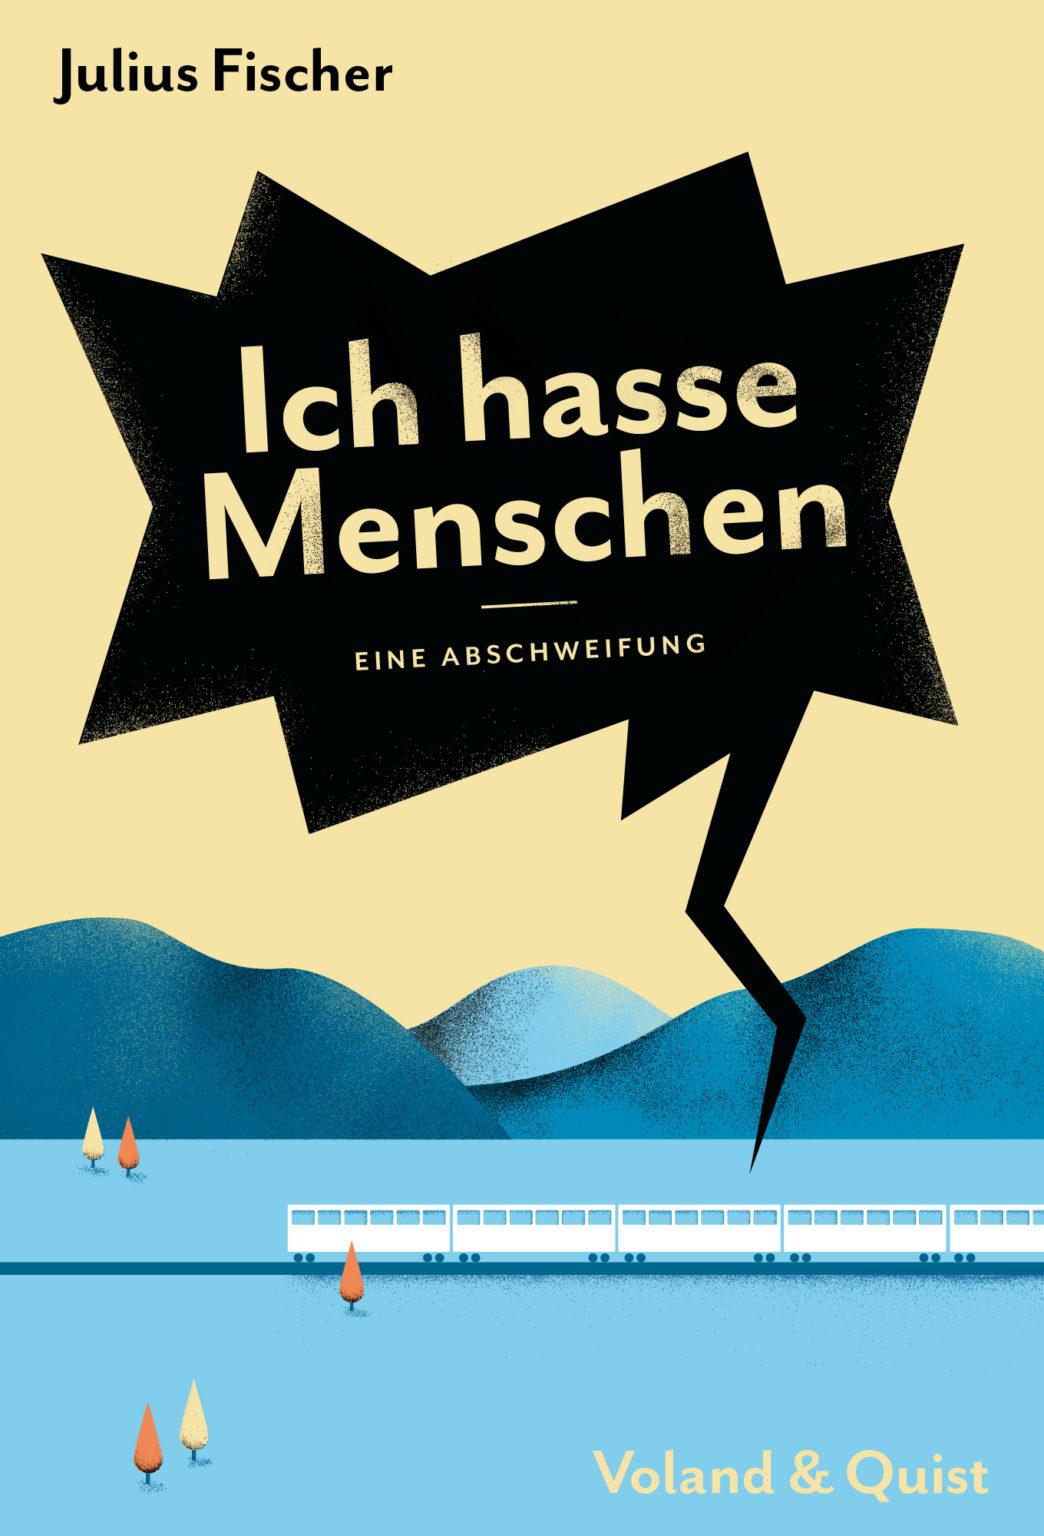 https://www.voland-quist.de/wp-content/uploads/2021/02/VQ_IchhasseMenschen_Cover_rgb_R01-1044x1536.jpg